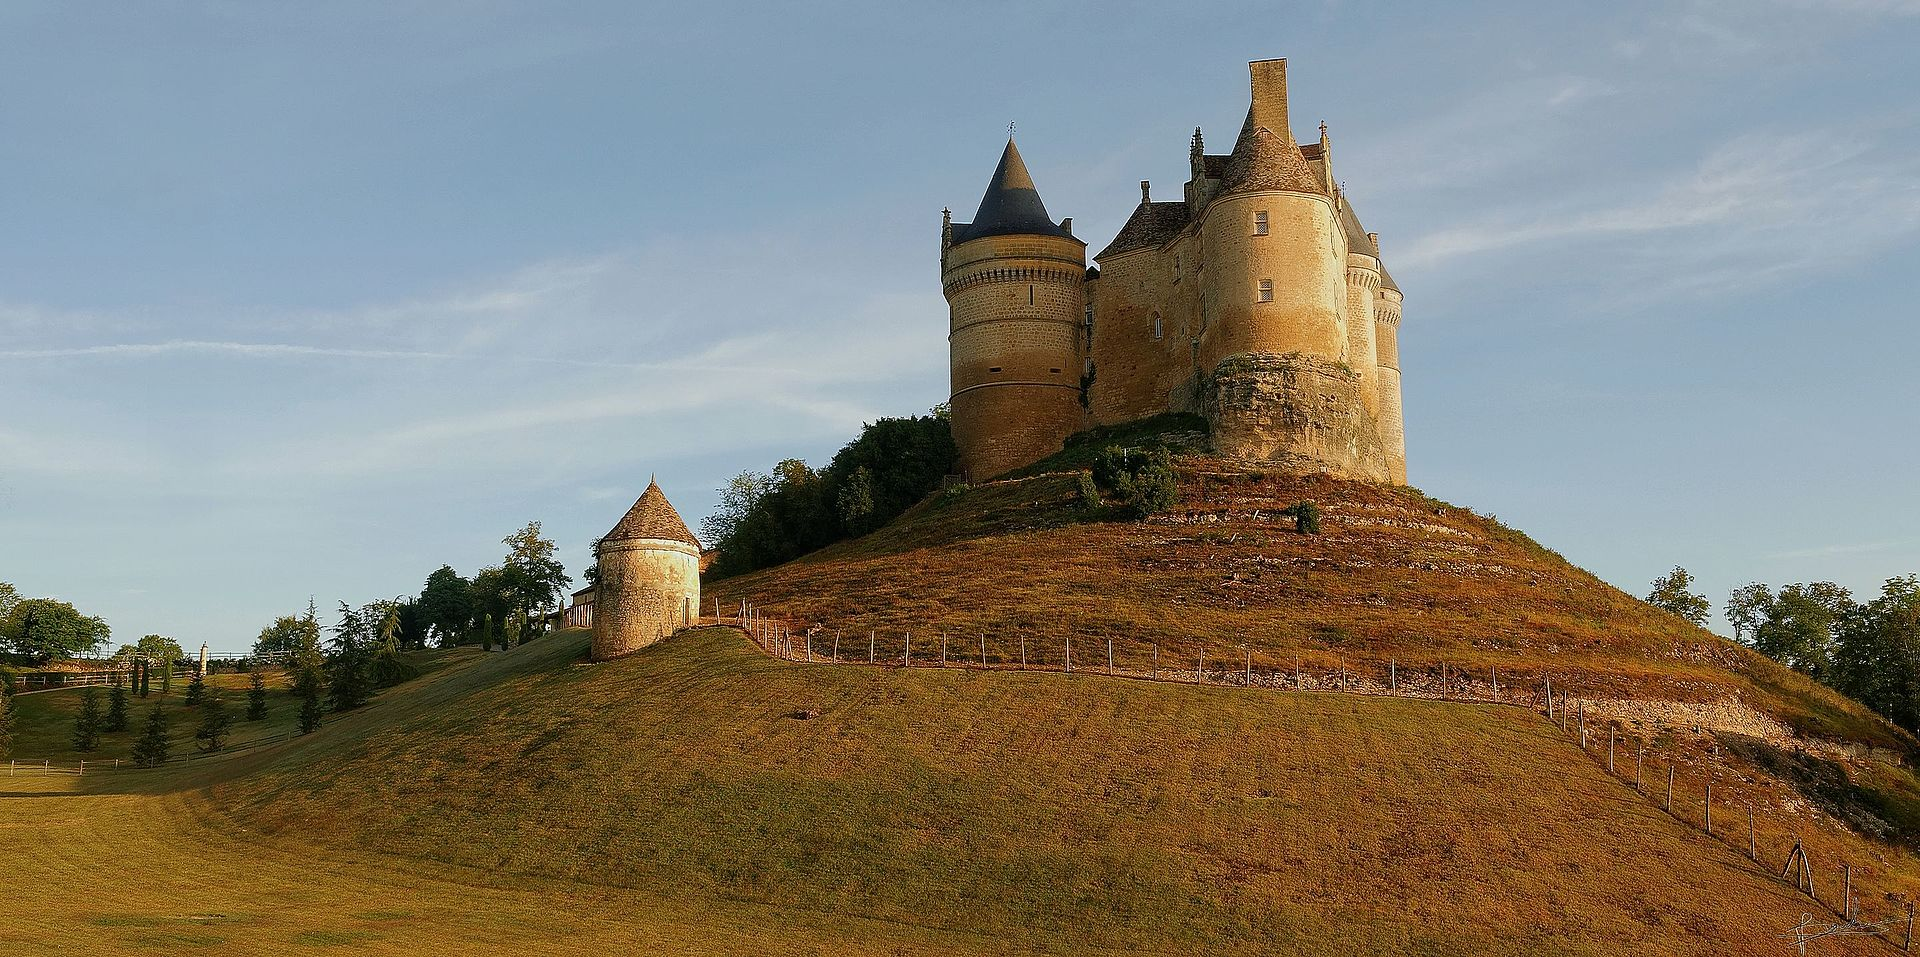 Chateau_de_bannes_4.jpg